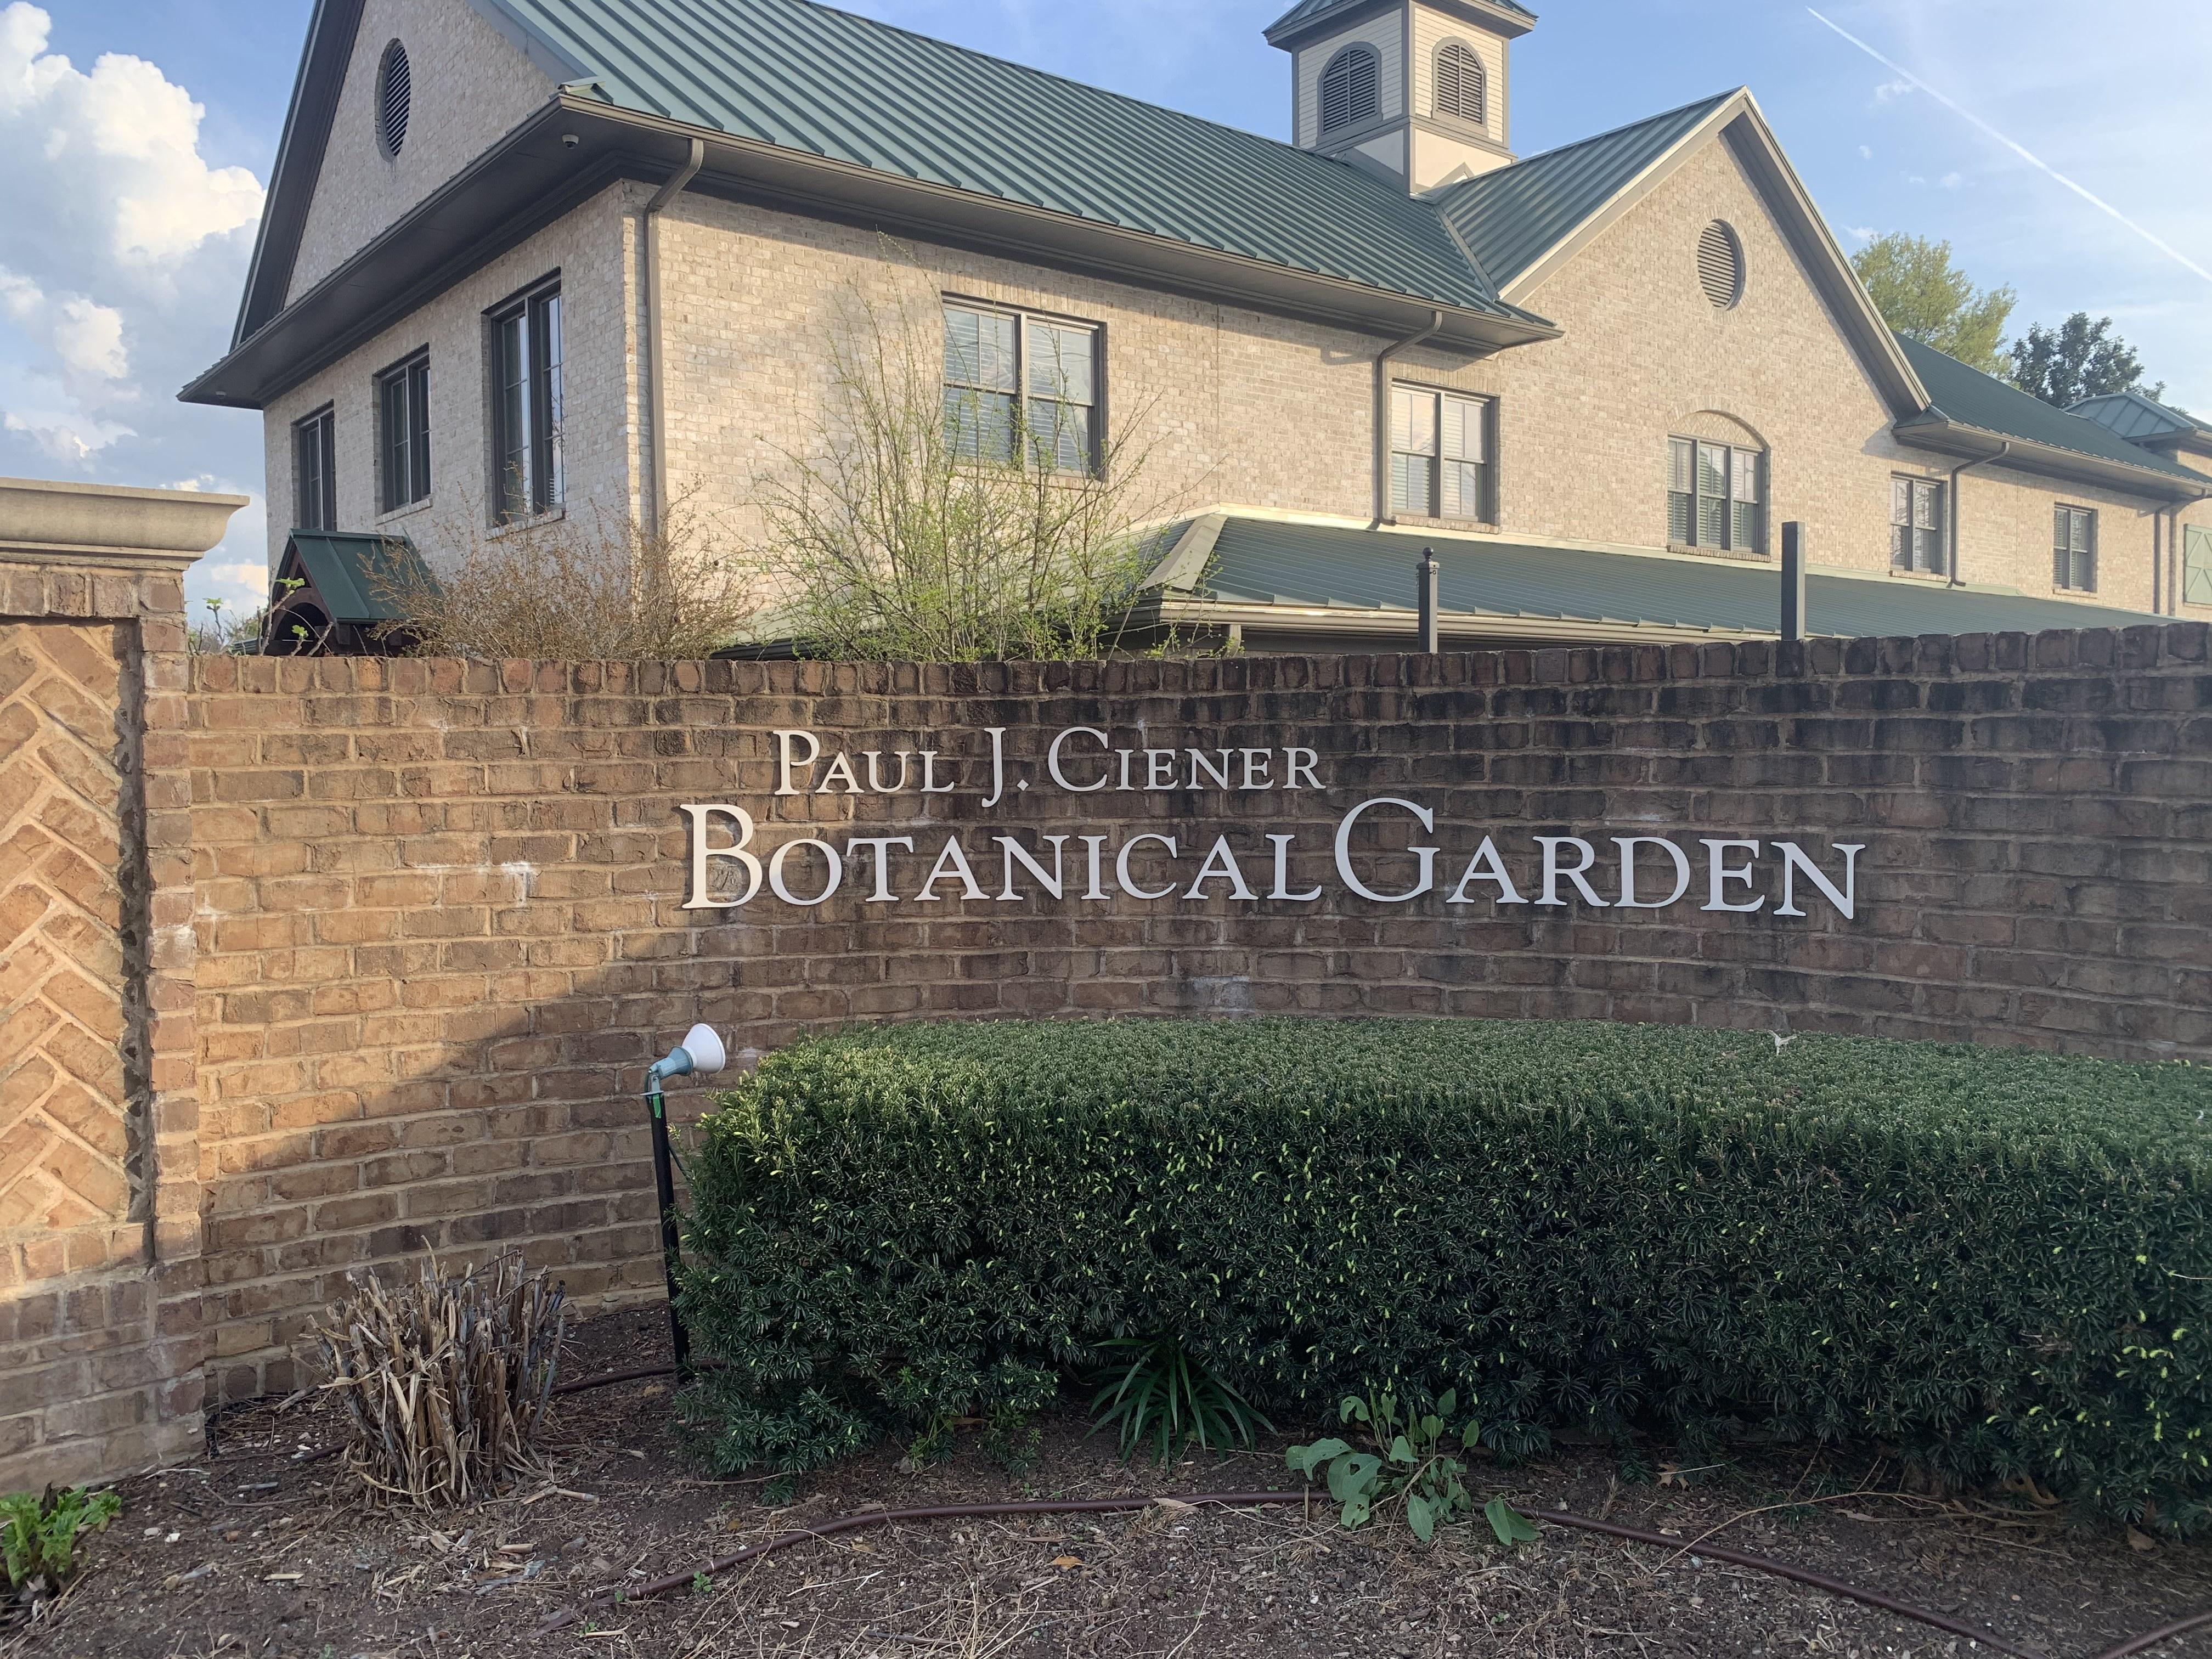 Local spring destinations, Botanical gardens